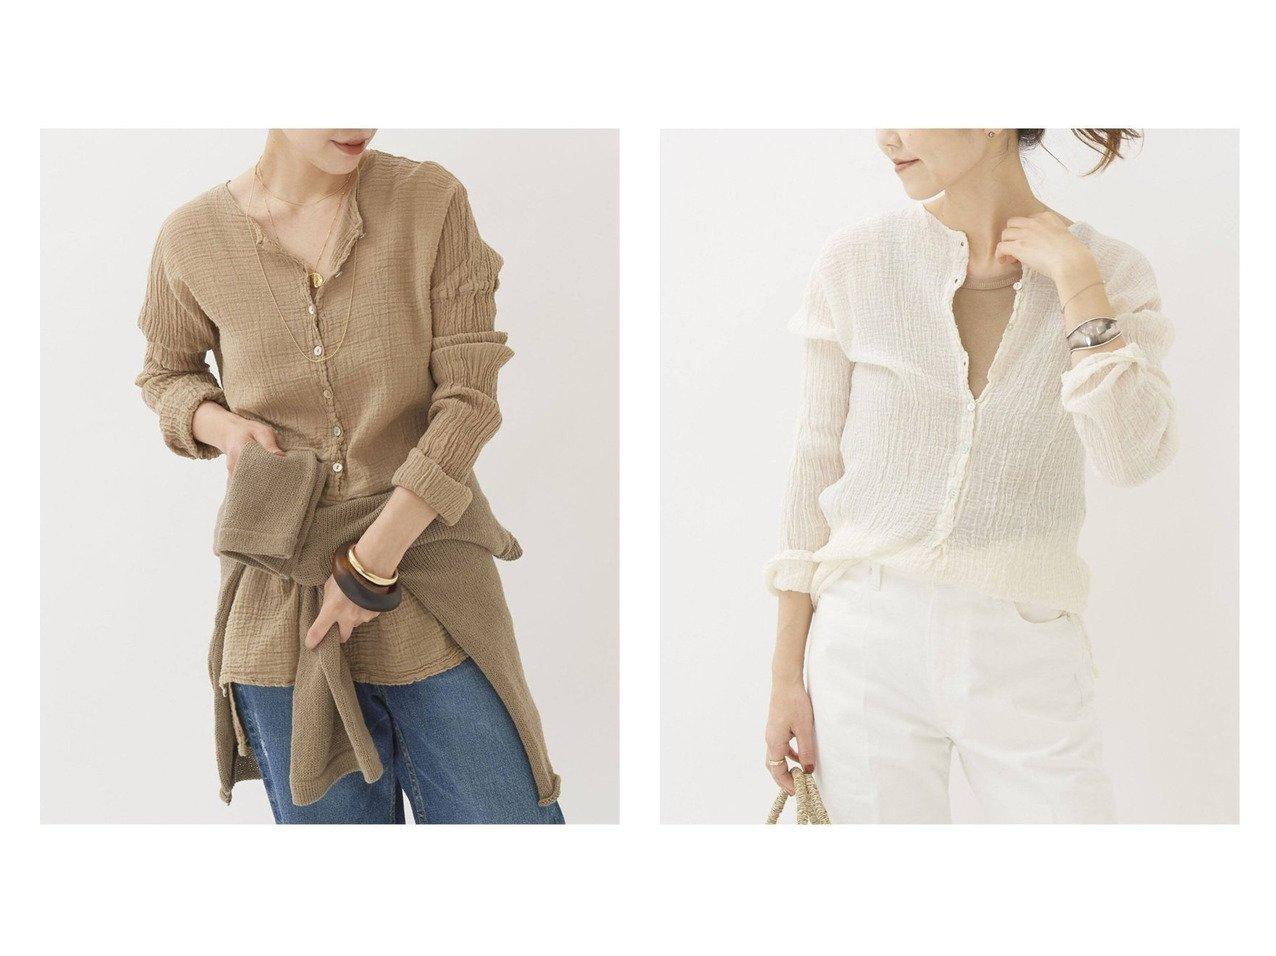 【Plage/プラージュ】の【LES ATELIERS FRANCAIS DE CONFECTION】SL シャツ 別注・限定・コラボなど、おすすめ!人気、トレンド・レディースファッションの通販 おすすめで人気の流行・トレンド、ファッションの通販商品 インテリア・家具・メンズファッション・キッズファッション・レディースファッション・服の通販 founy(ファニー) https://founy.com/ ファッション Fashion レディースファッション WOMEN トップス・カットソー Tops/Tshirt シャツ/ブラウス Shirts/Blouses シアー 人気 フランス 別注 リゾート リラックス 2021年 2021 S/S・春夏 SS・Spring/Summer 2021春夏・S/S SS/Spring/Summer/2021 夏 Summer |ID:crp329100000060912